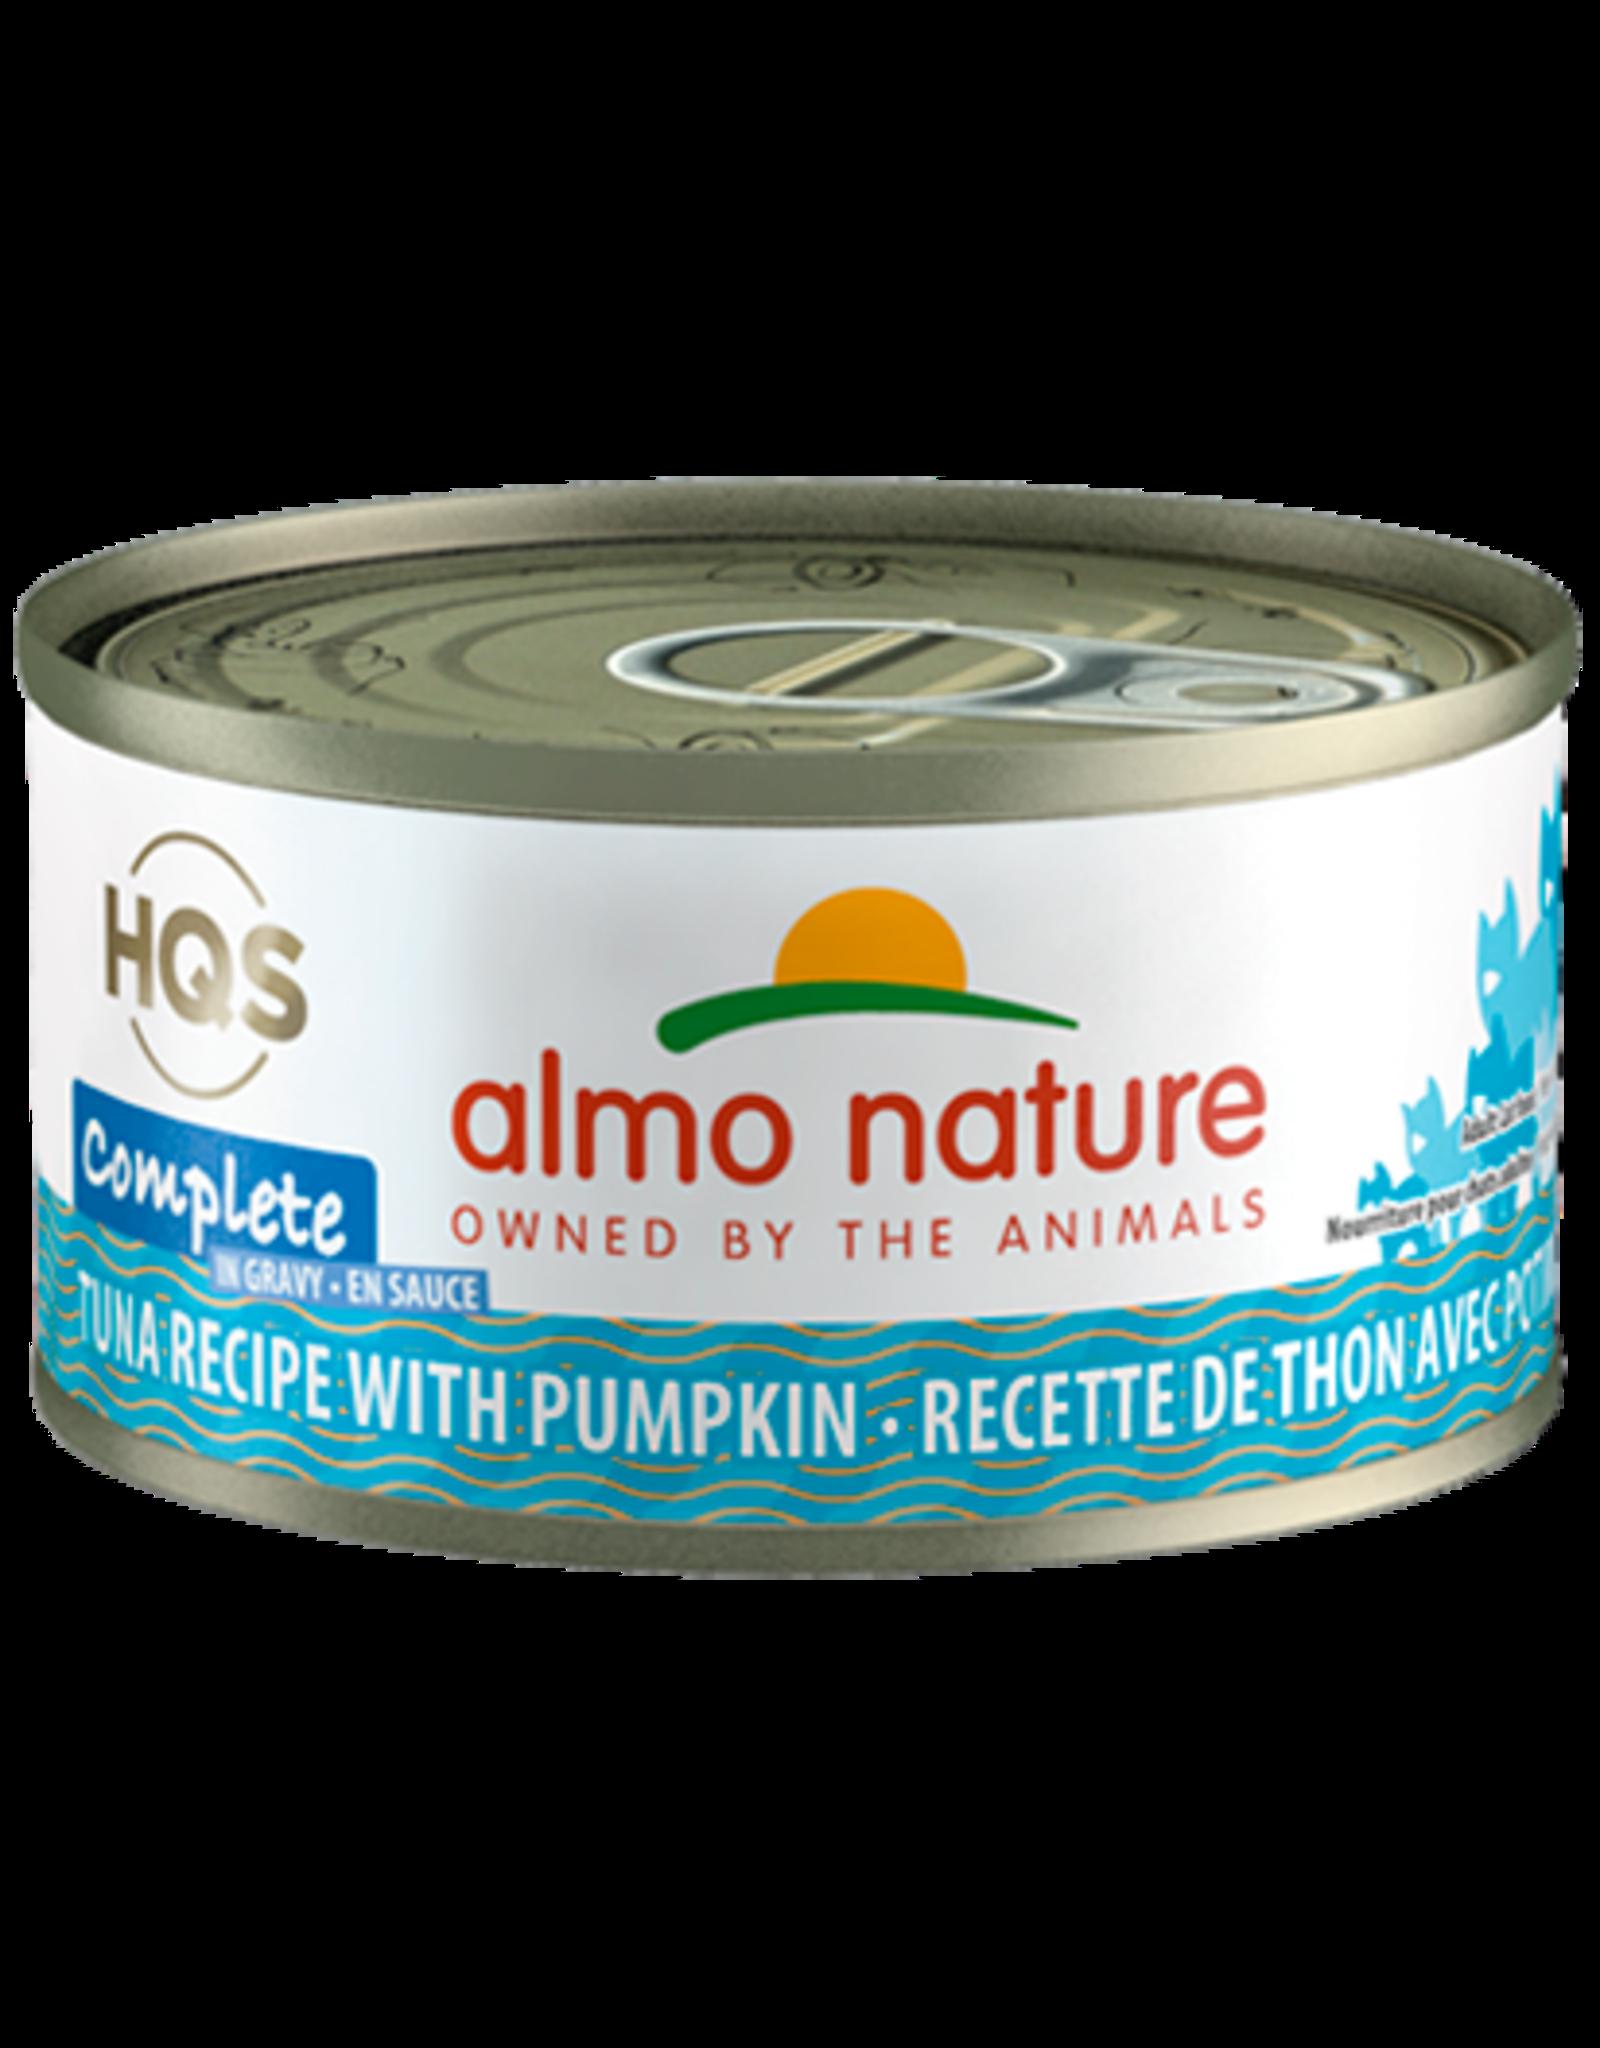 Almo Nature ALMO NATURE CAT HQS COMPLETE TUNA RECIPE WITH PUMPKIN IN GRAVY 2.47OZ